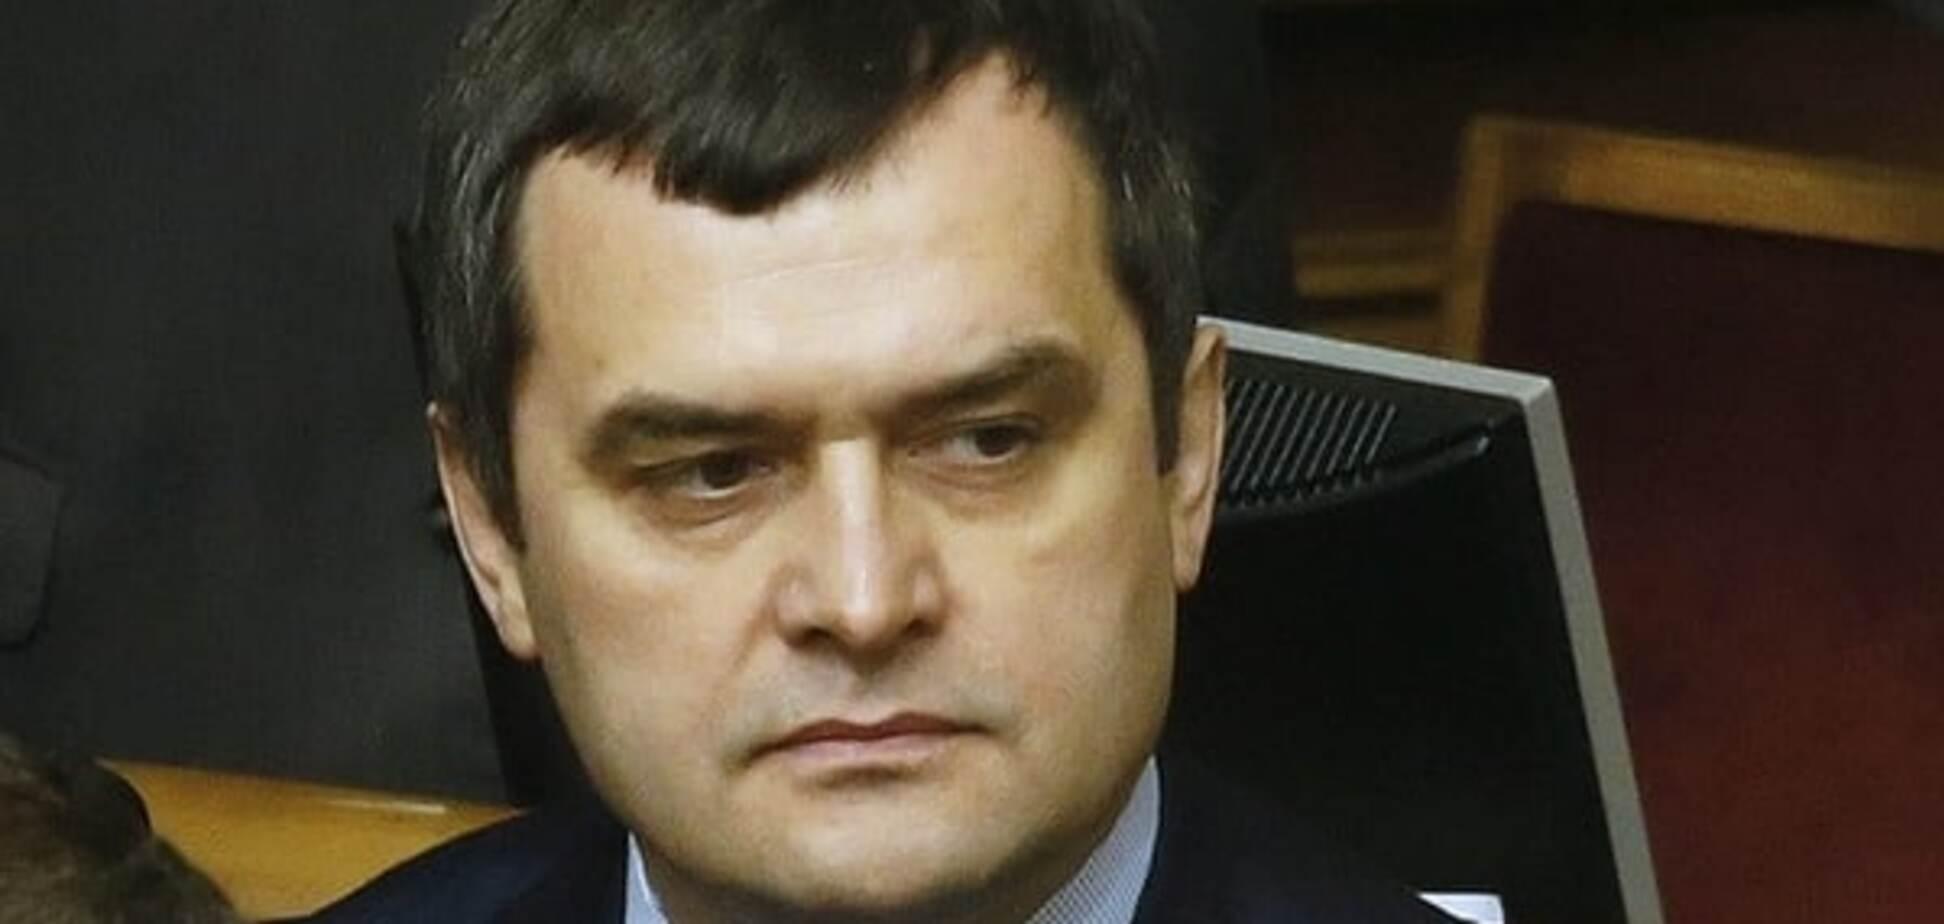 Міністр-втікач Януковича хотів повернути нерухомість через офшор